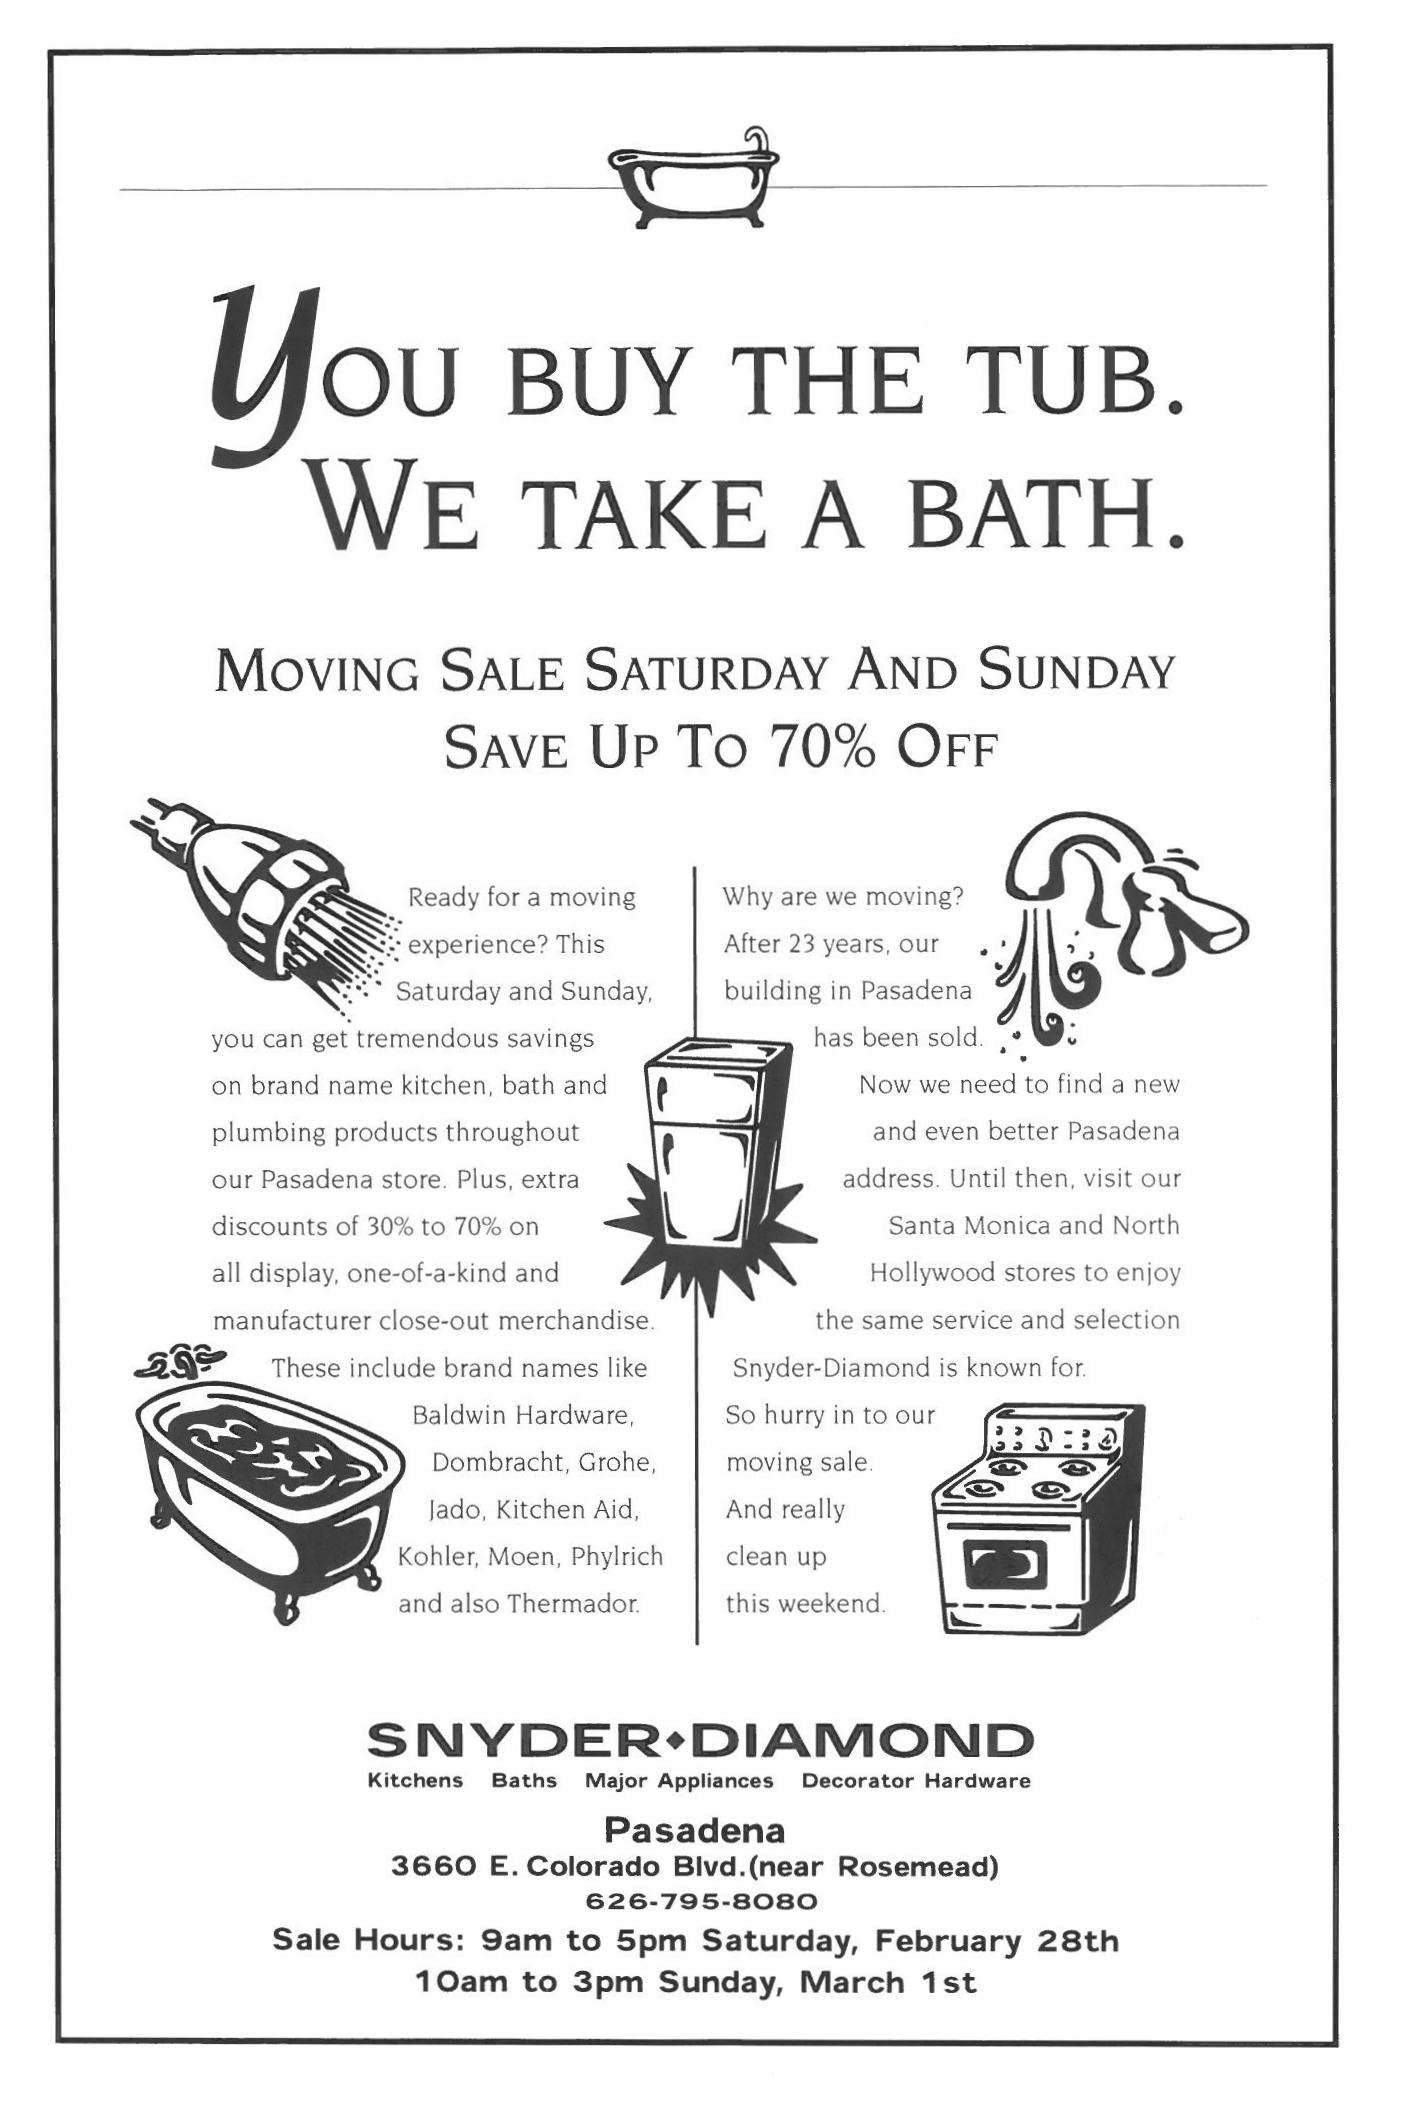 tub ad.jpg